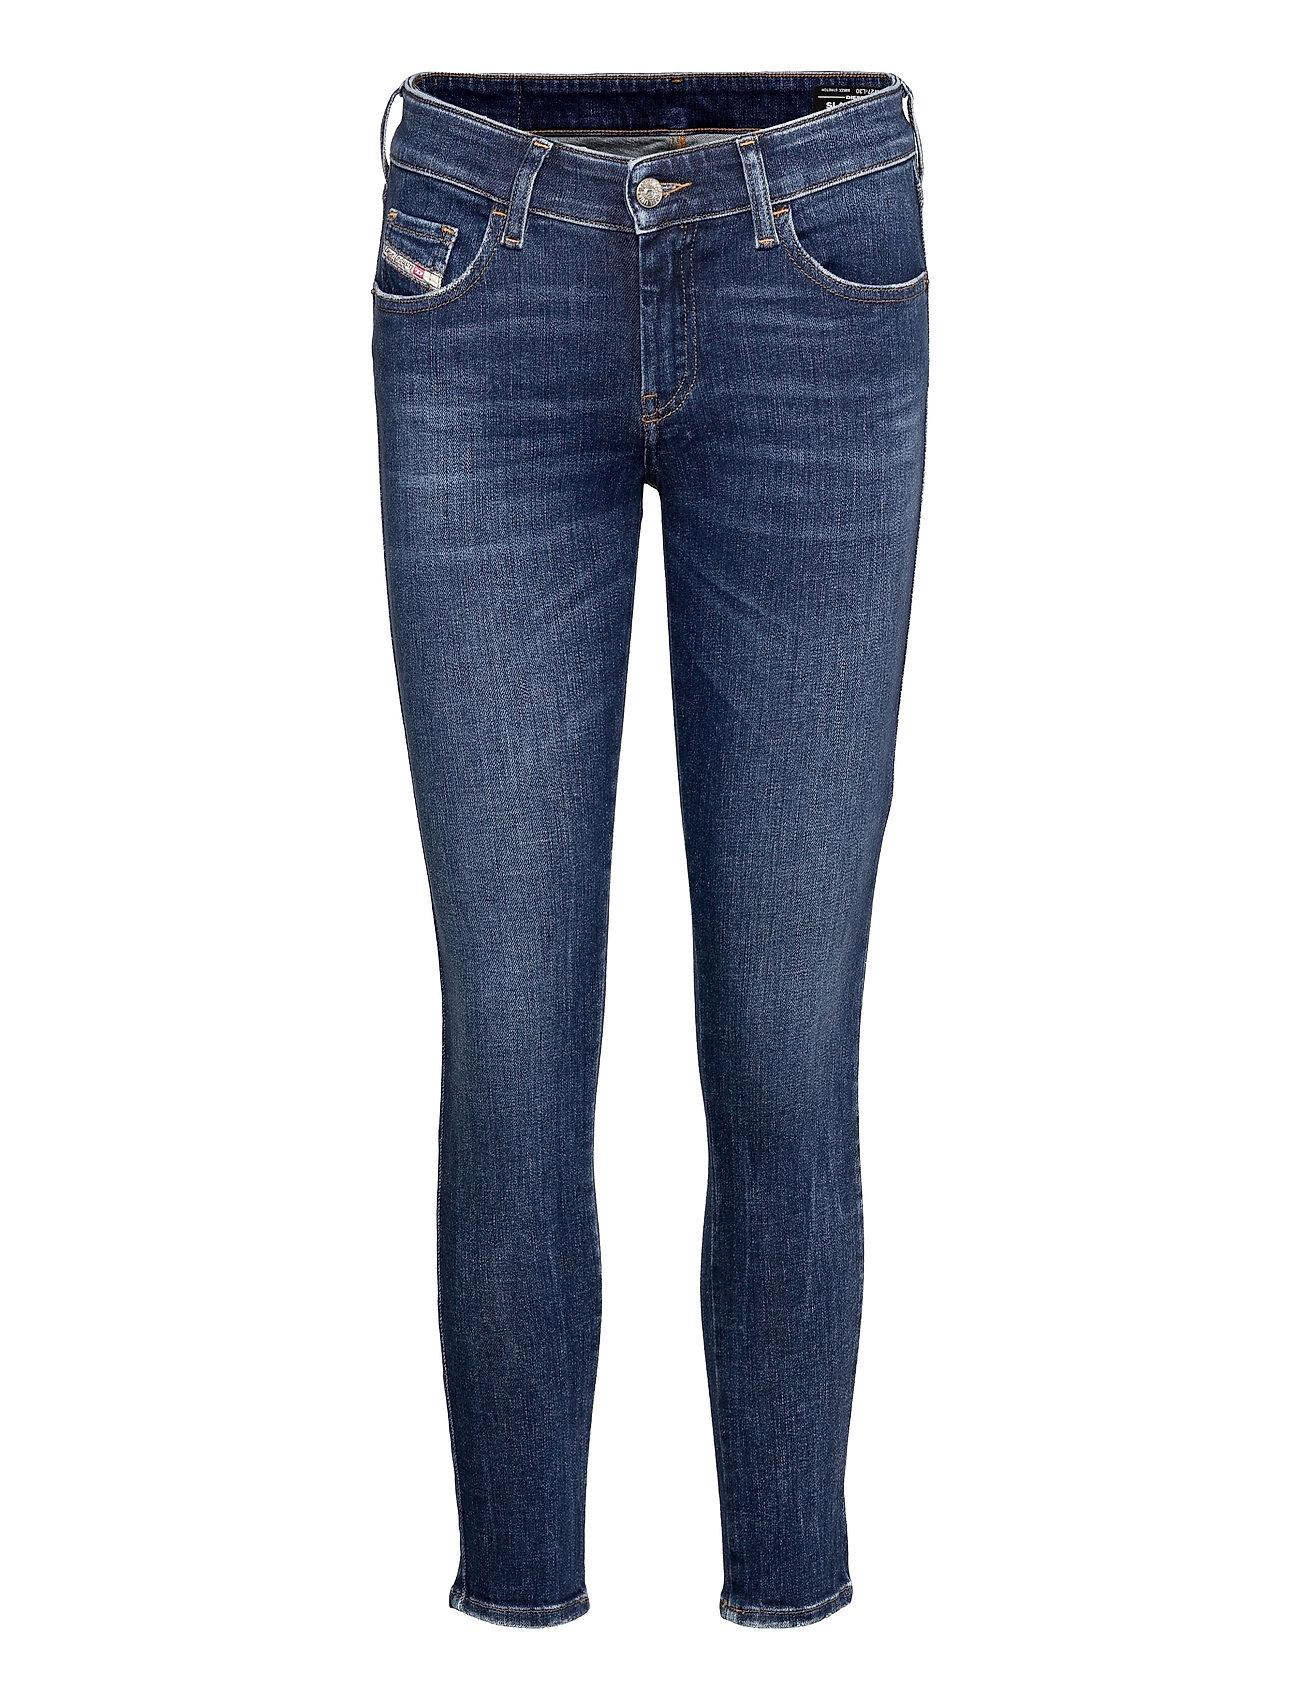 Slandy-Low L.30 Trousers Slim Jeans Blå Diesel Women